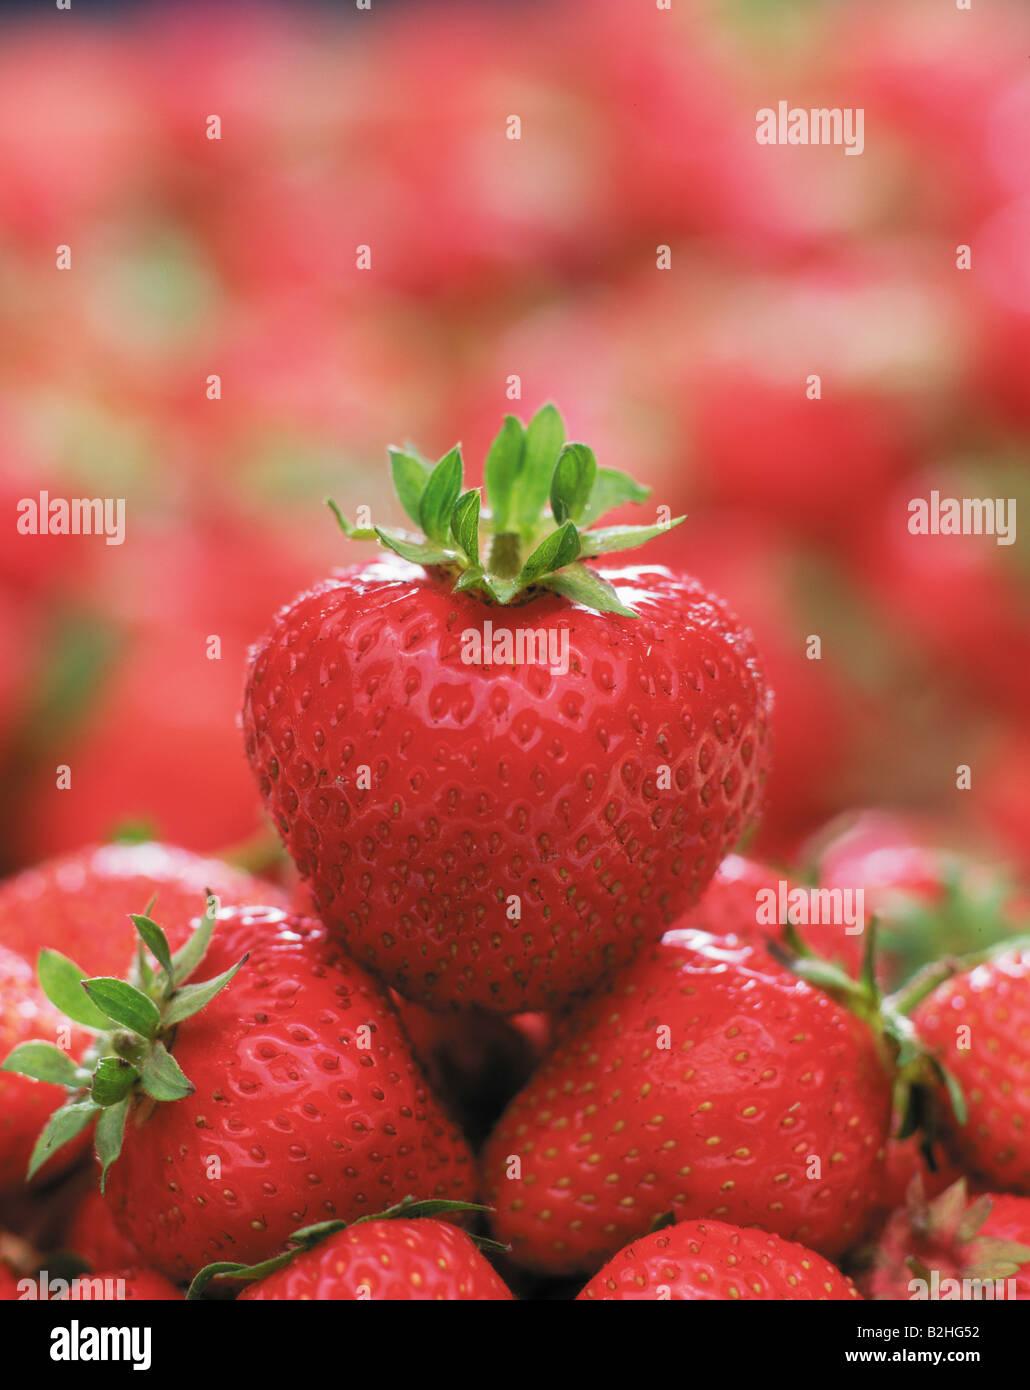 Erdbeere fragaria fragola fresa sammelnussfruechte obst heilpflanze nahrungsmittel Immagini Stock